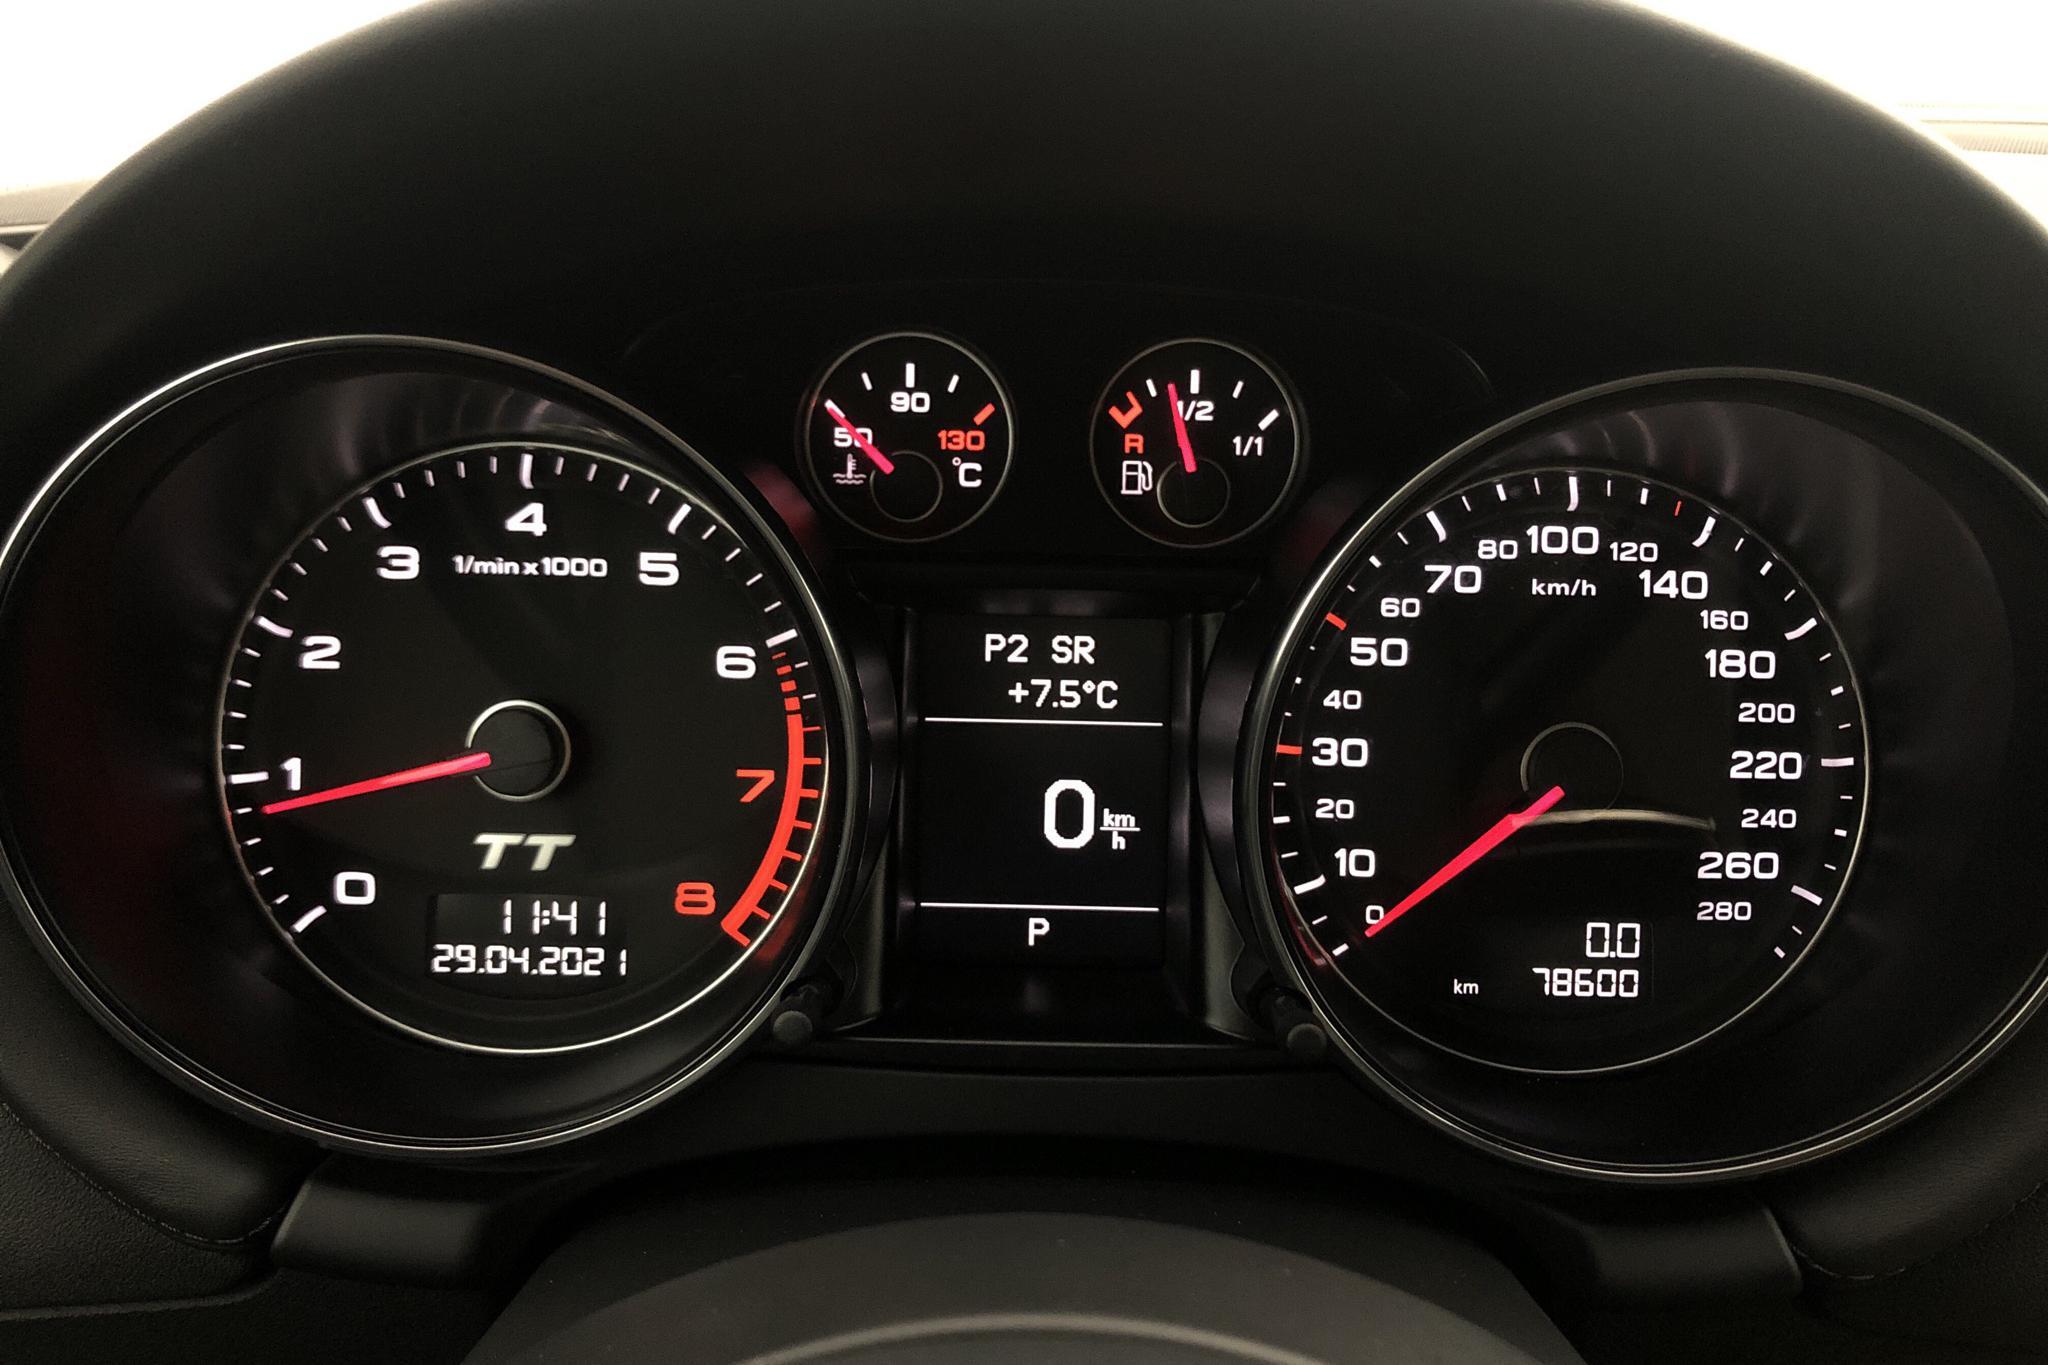 Audi TT 2.0 TFSI Coupé quattro (211hk) - 7 859 mil - Automat - blå - 2012